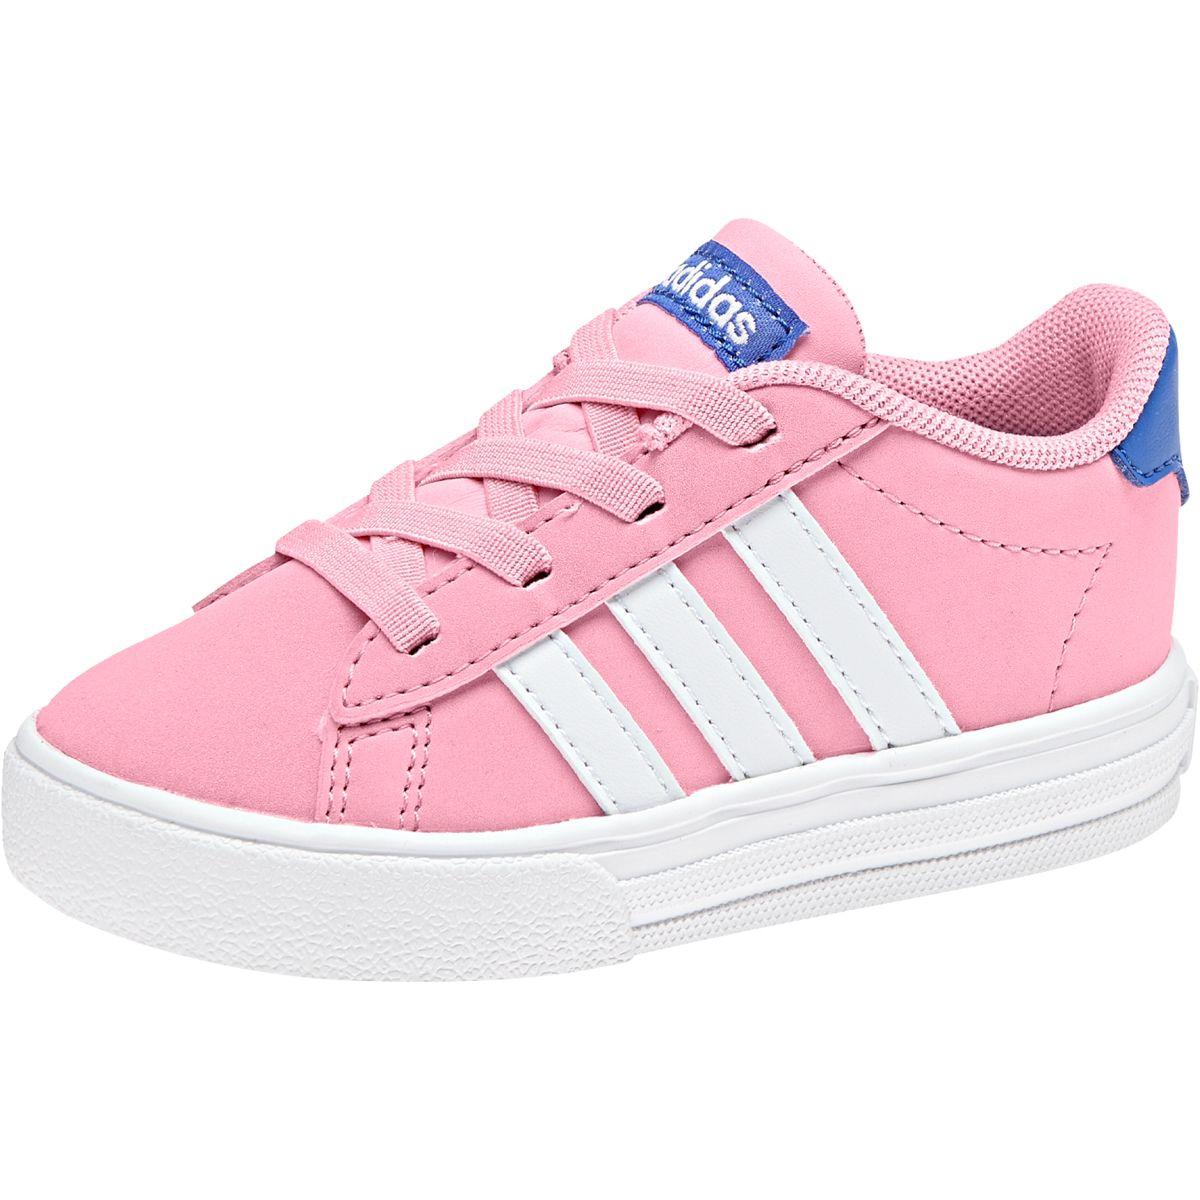 Adidas bébi lány cipő DAILY 2.0 I ... 174eb6d174